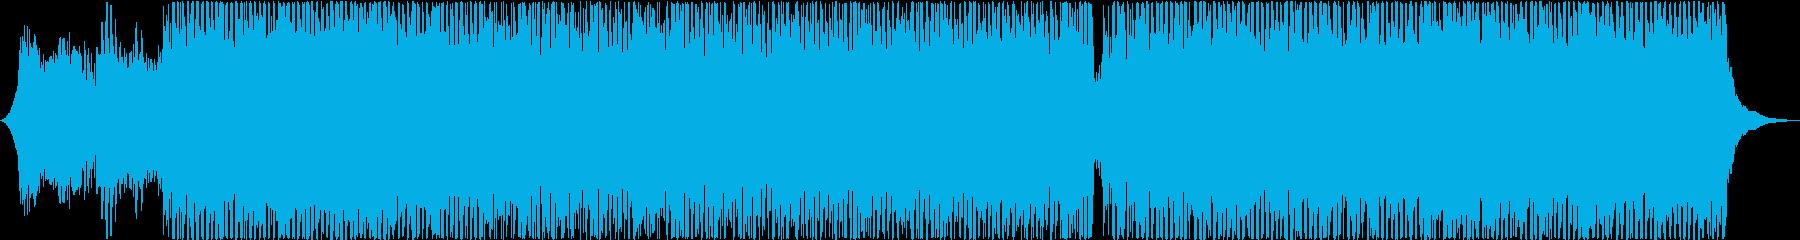 和楽器のカッコいいテクノの再生済みの波形